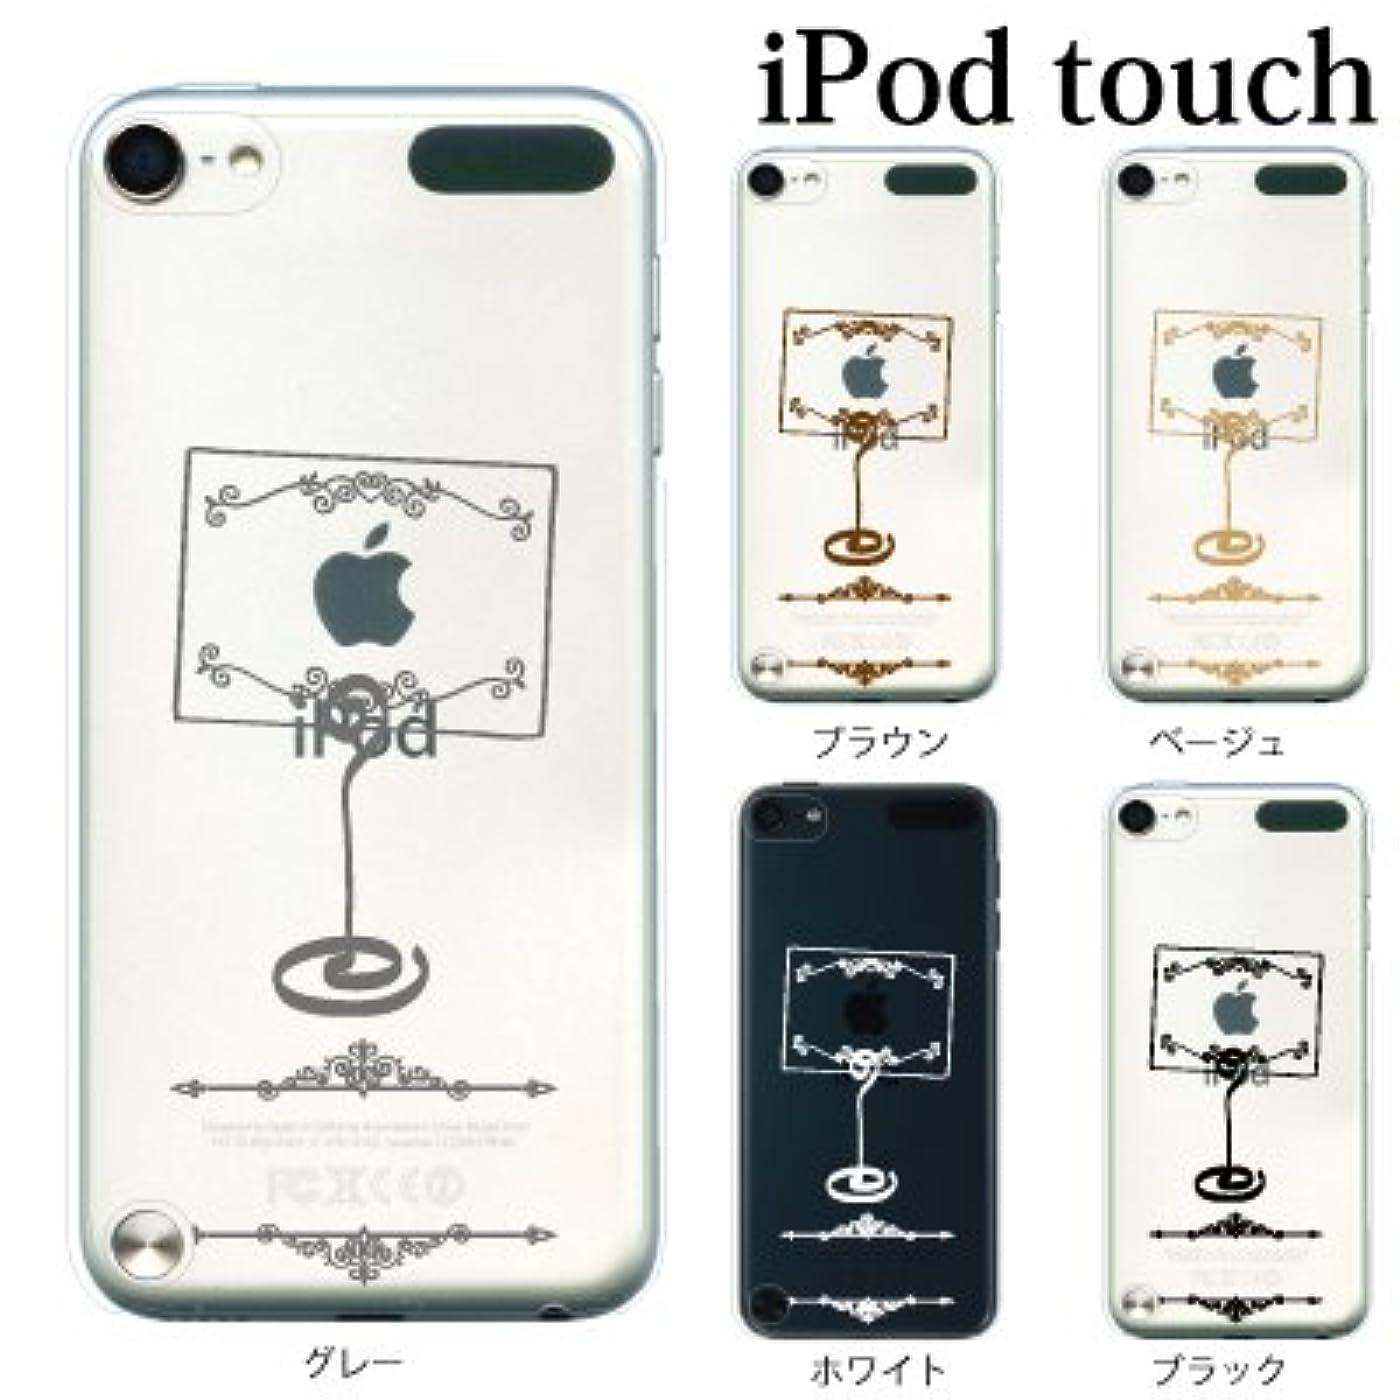 ヨーロッパそれ不道徳Plus-S iPod touch 第5世代 ケース 招待状 パーティー りんご 【ブラウン】 ハードケース クリア 0254-BR